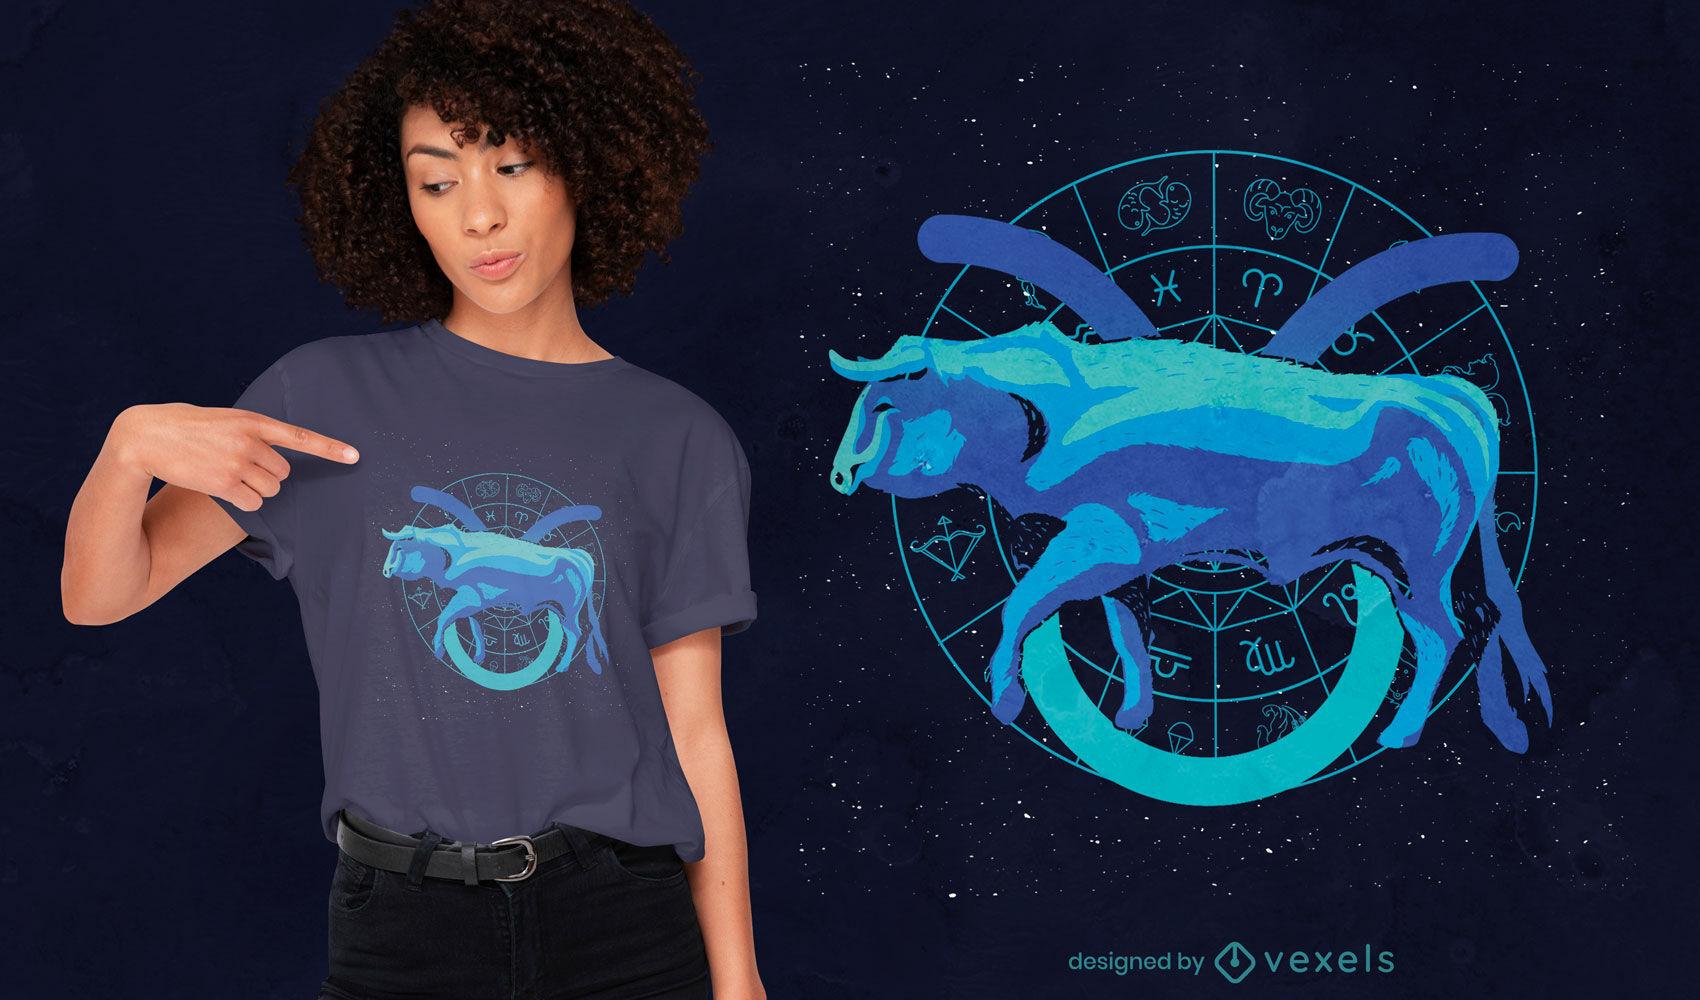 Design de camiseta com o signo do zodíaco de Touro